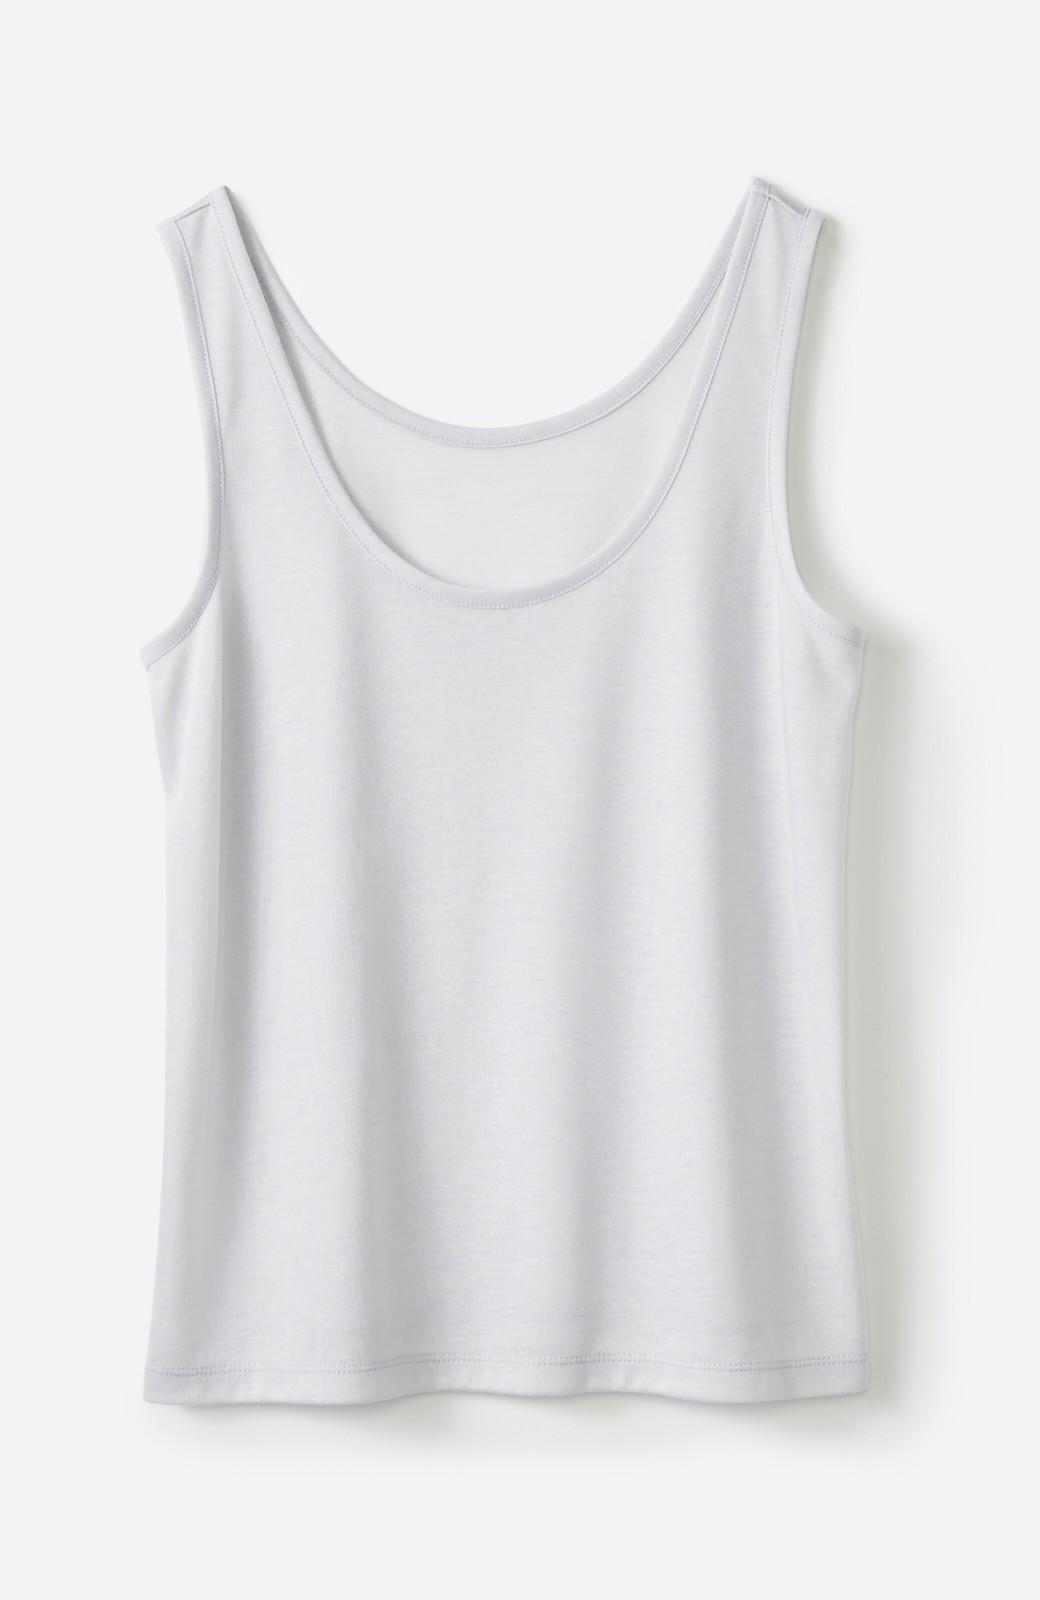 haco! 上品な透け感が華やぎをプラスしてくれるシフォントップス&ノースリーブカットソーセット <ライトグレー>の商品写真5